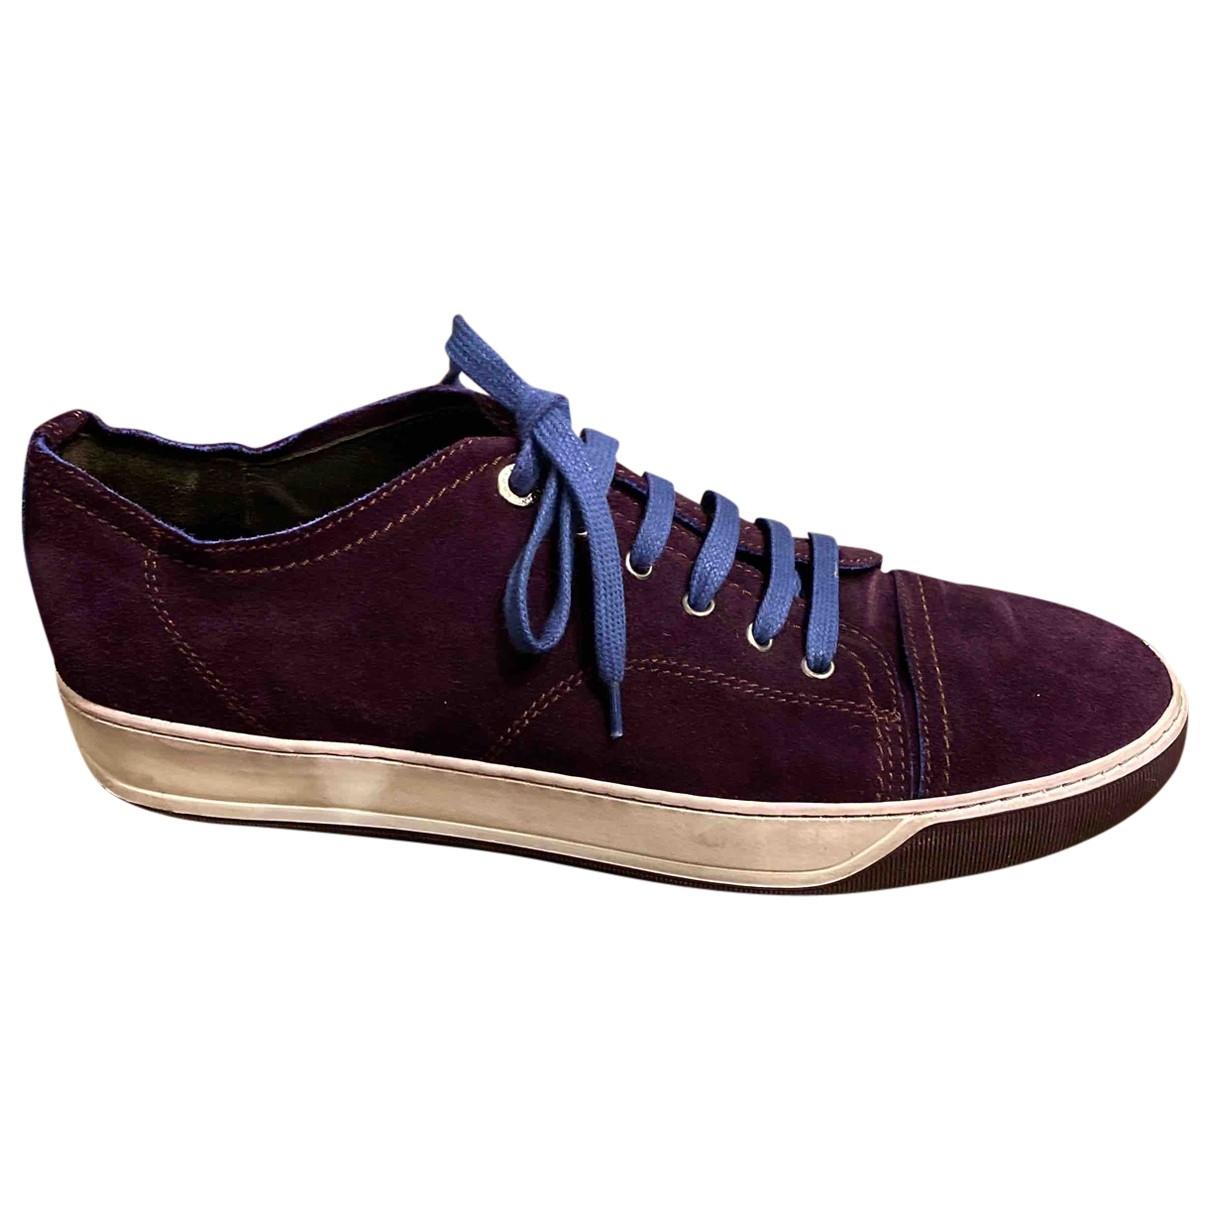 Lanvin - Baskets   pour homme en suede - violet